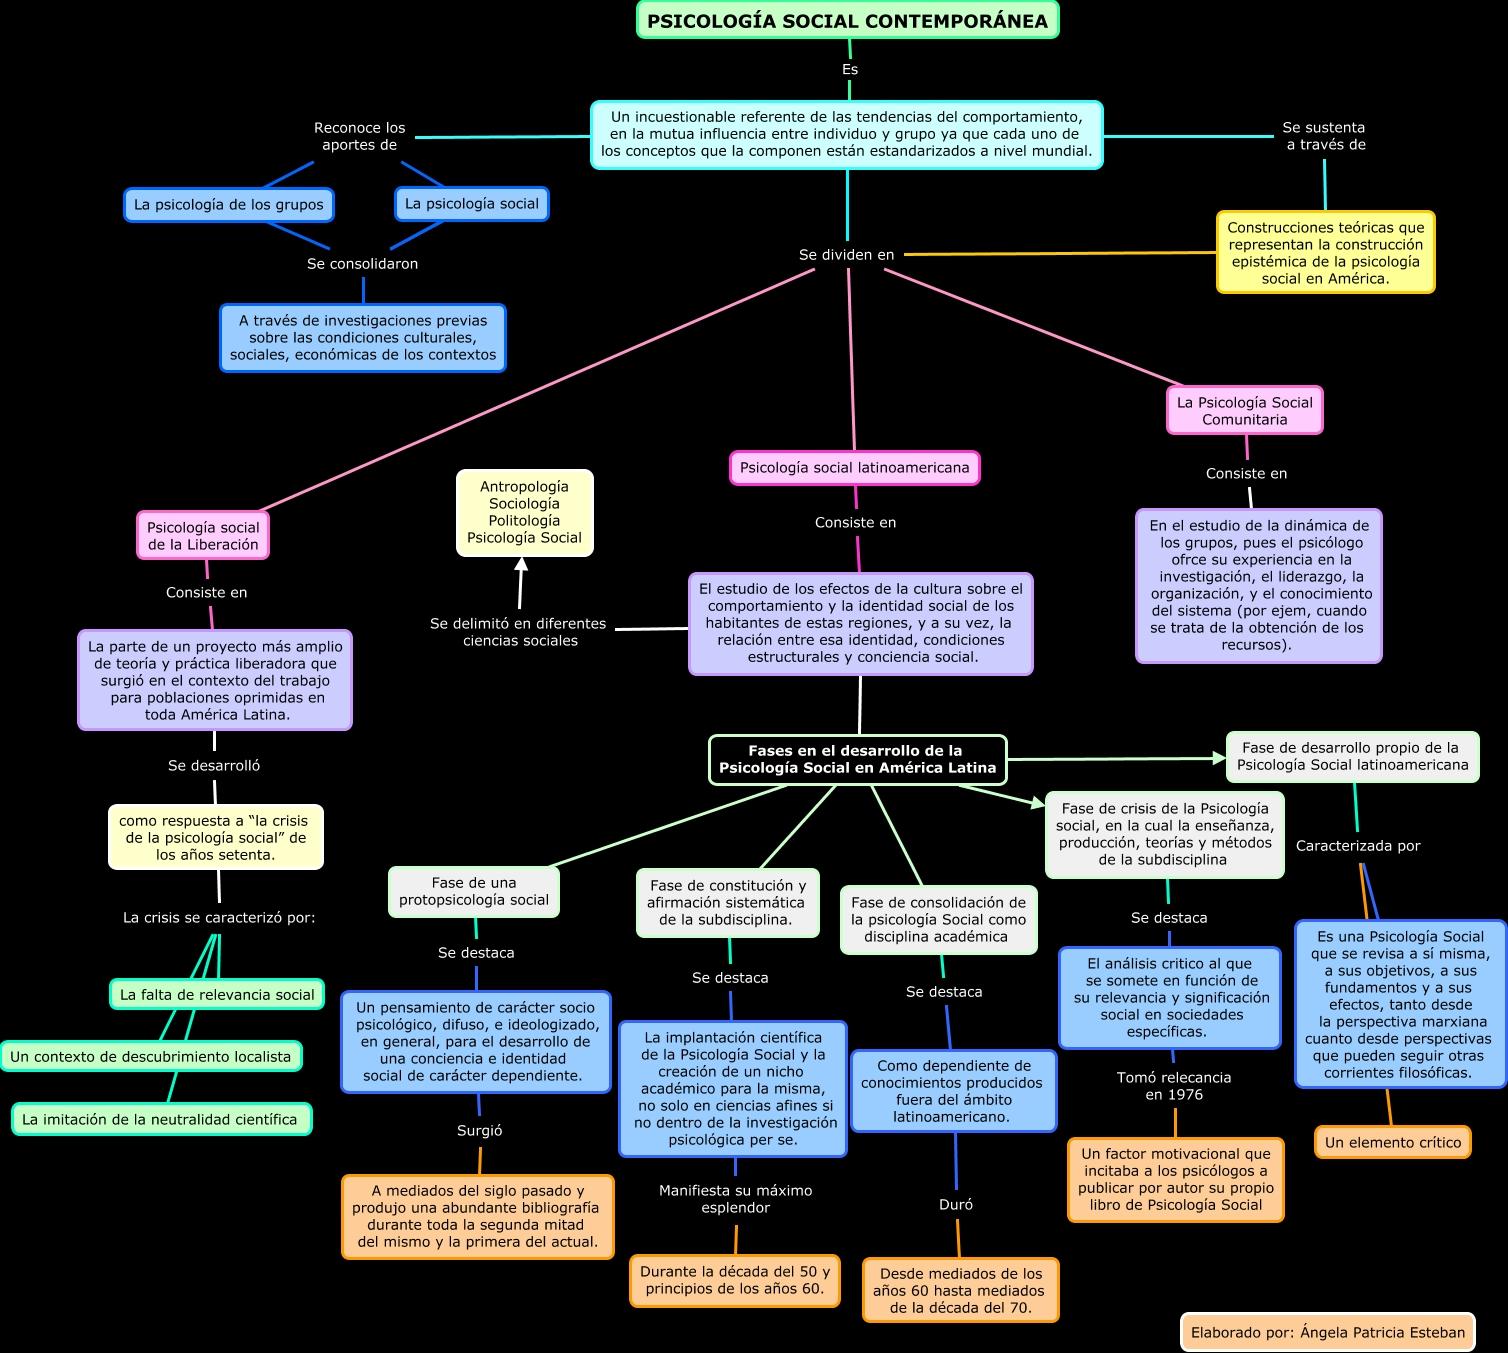 Mapa psicolog a social contempor nea qu es la for Definicion de contemporanea